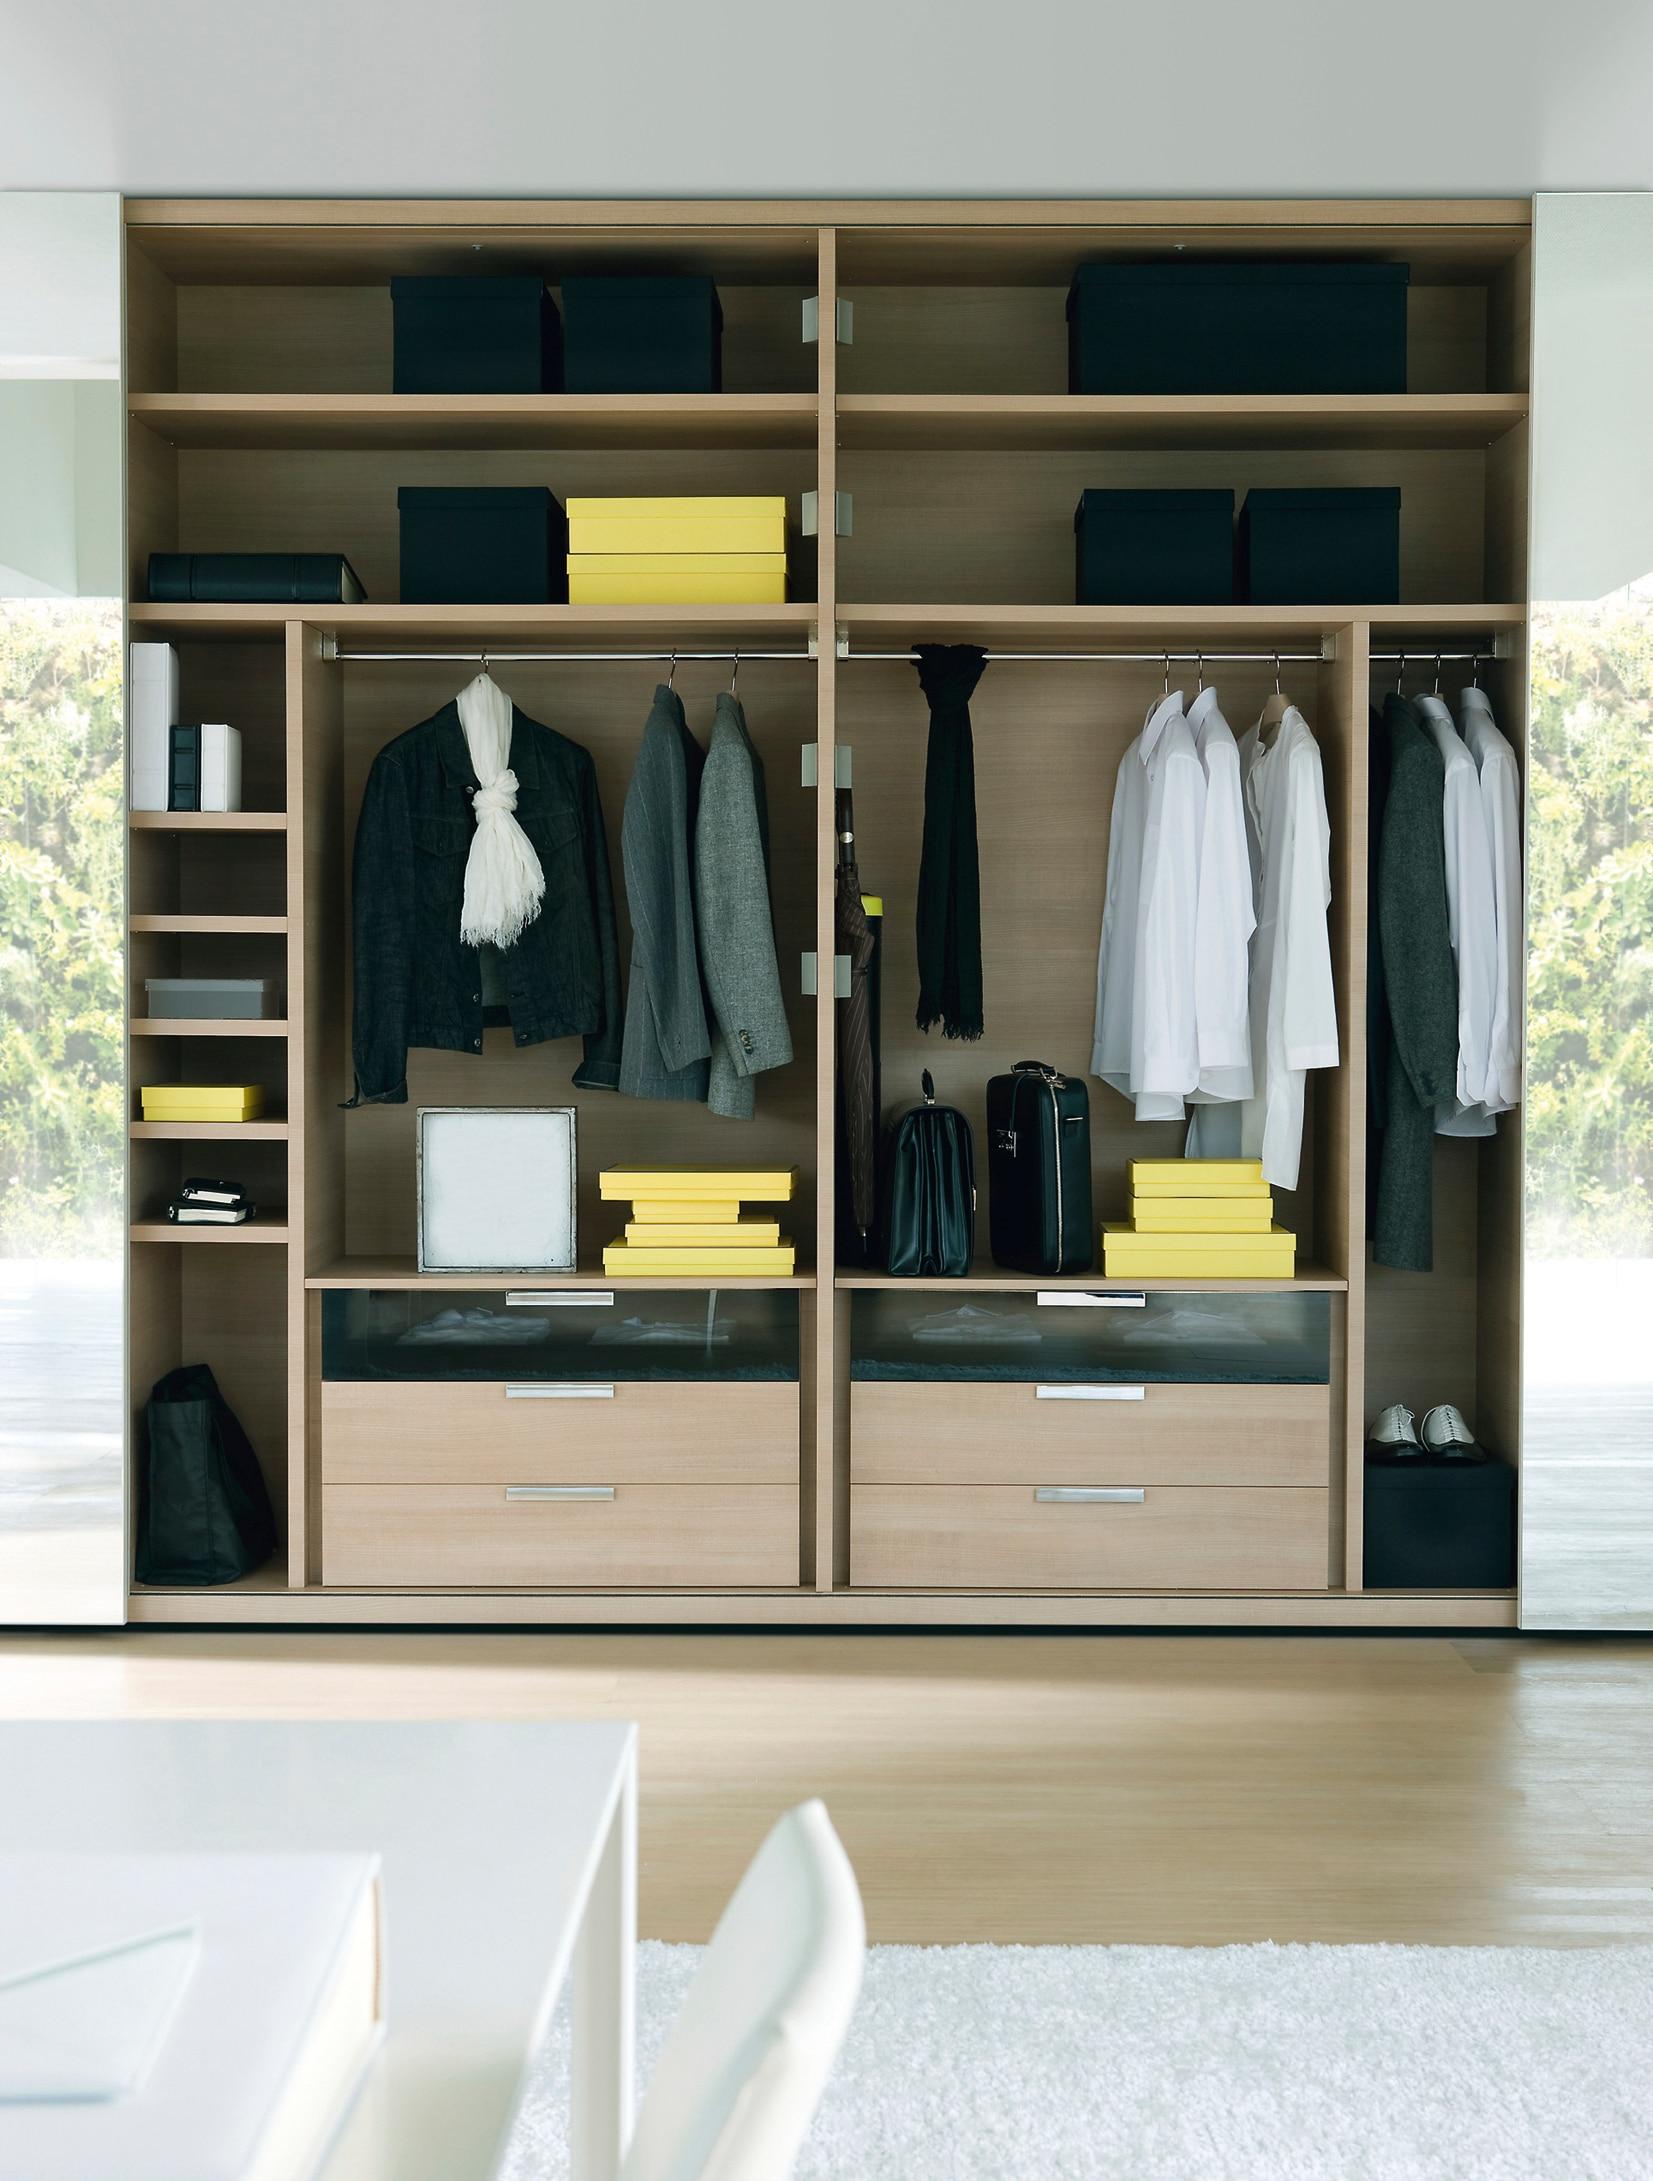 Jak Dobrze Zaprojektowac Garderobe Porady Leroy Merlin